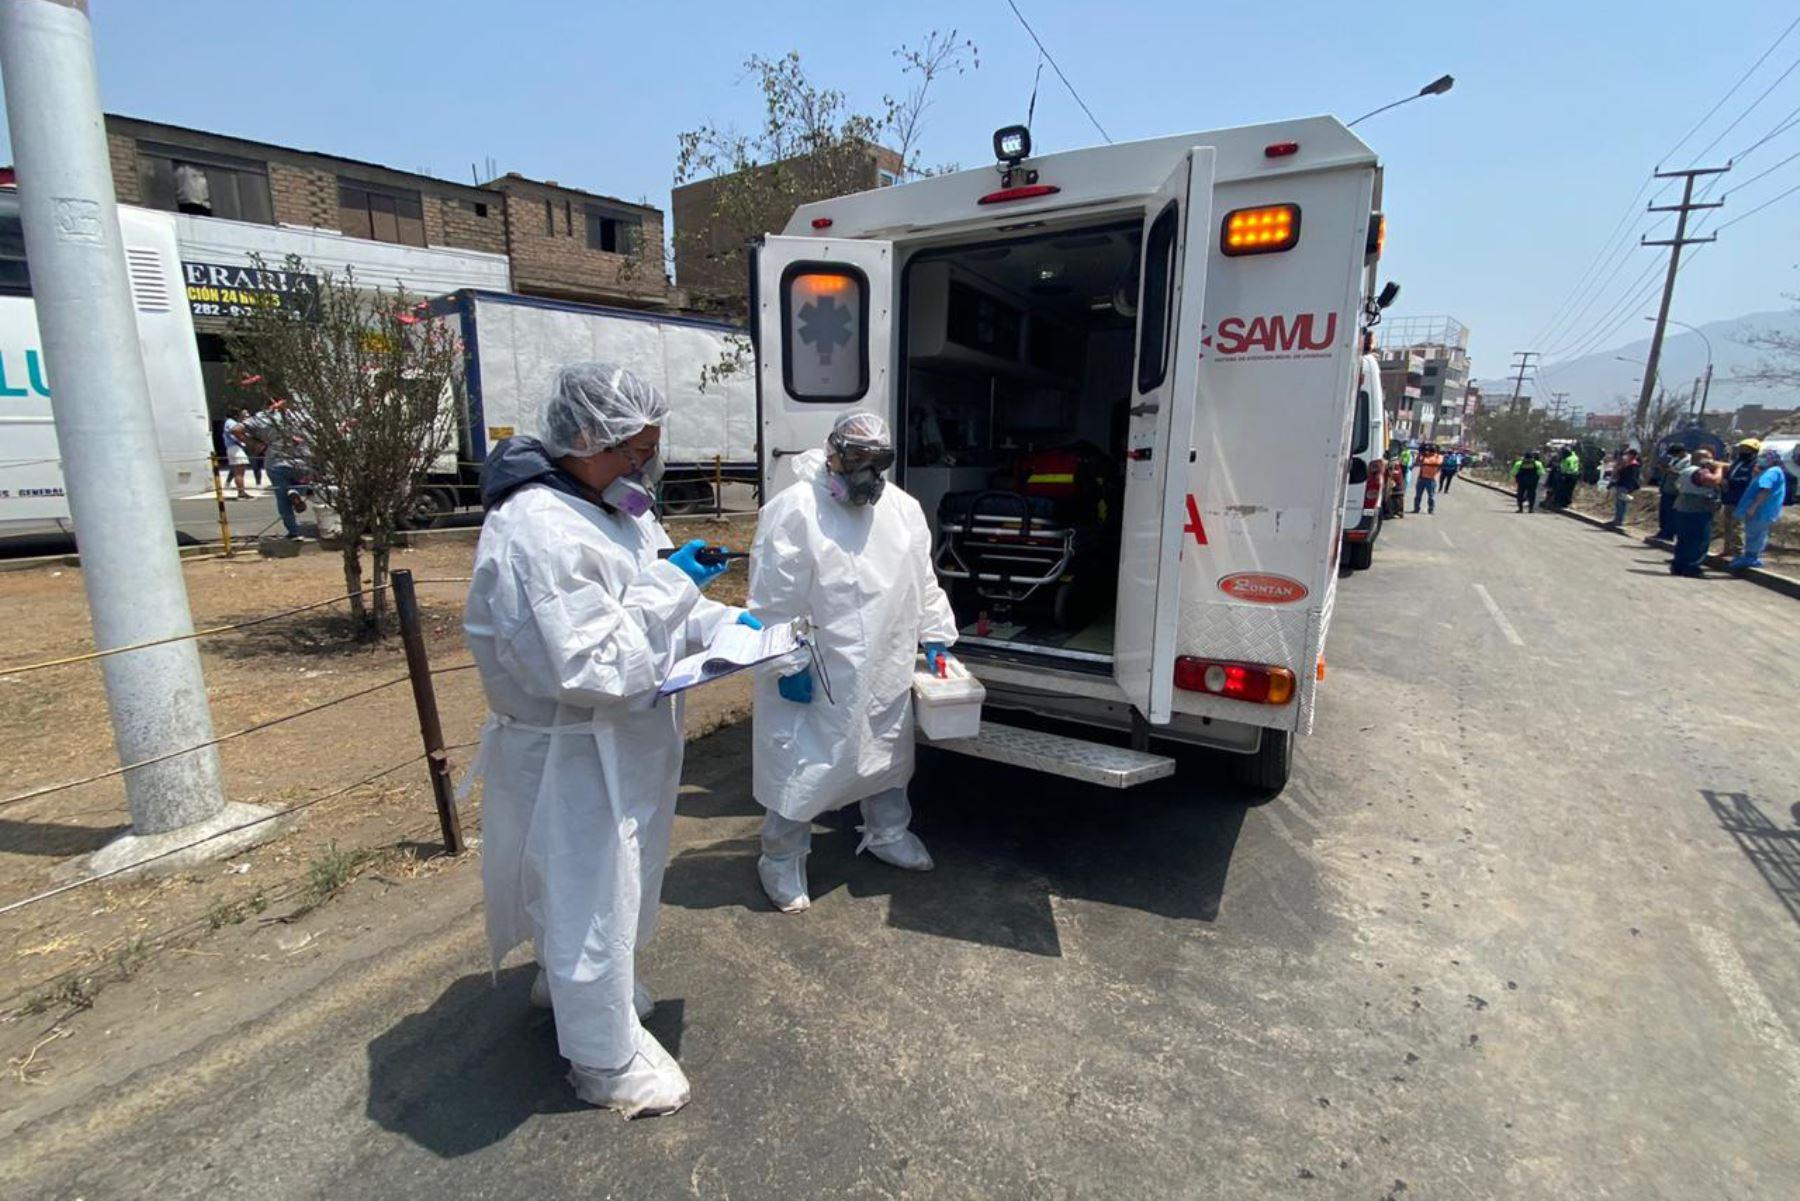 Ministerio de Salud instaló un punto de atención médica en la zona del incendio registrado en San Juan de Lurigancho, donde se evalúa la condición de los vecinos, bomberos, policías y personal que se encuentra cubriendo la emergencia. Foto:ANDINA/Minsa